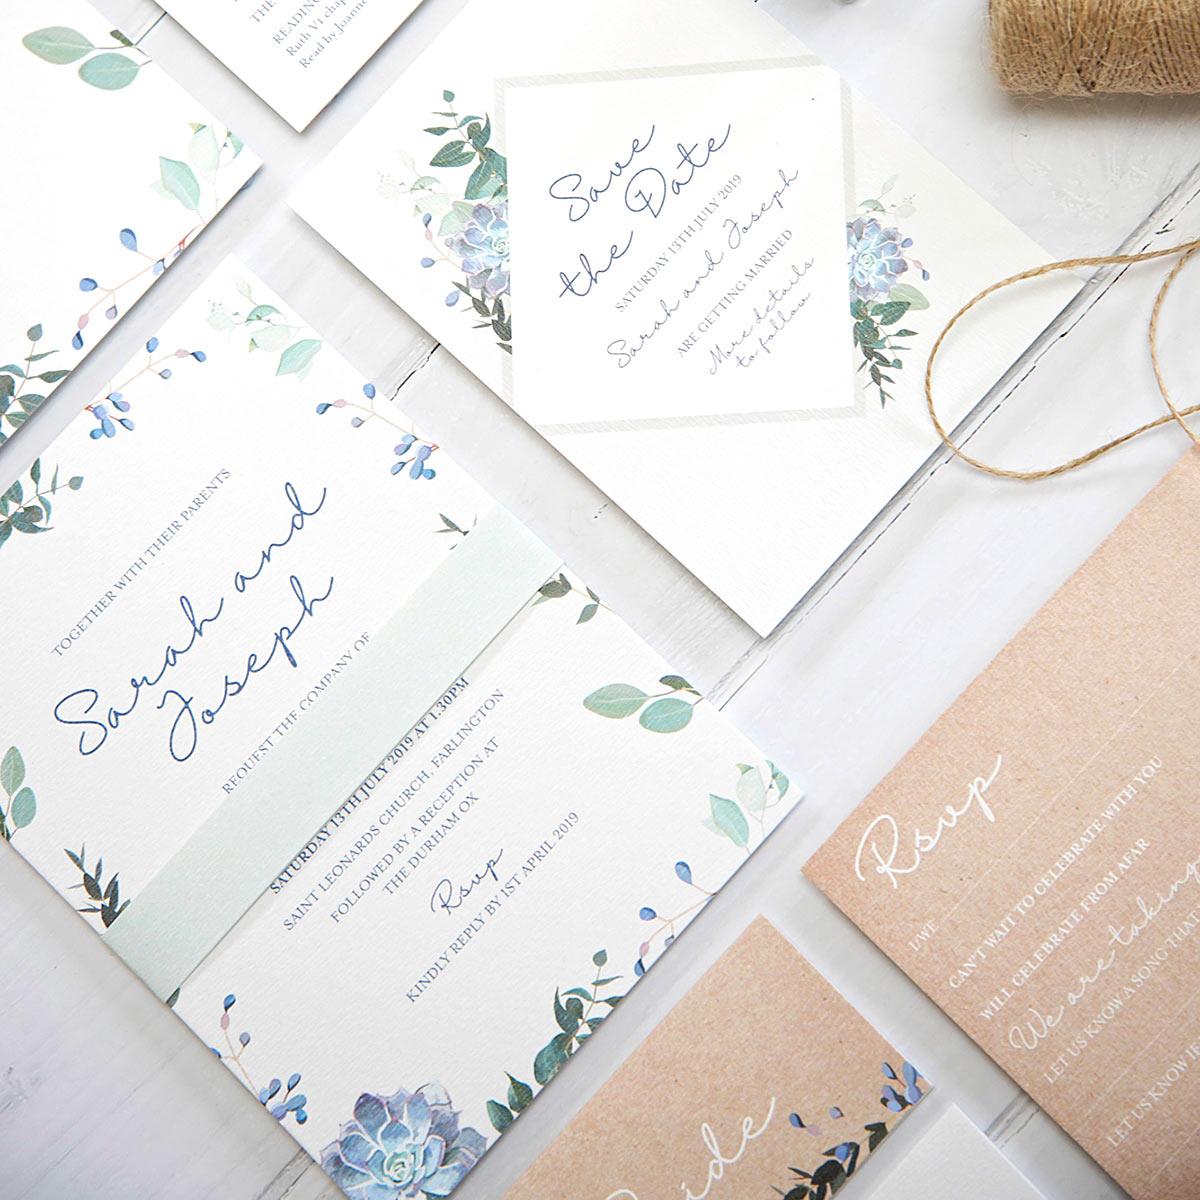 Botanical design wedding stationery